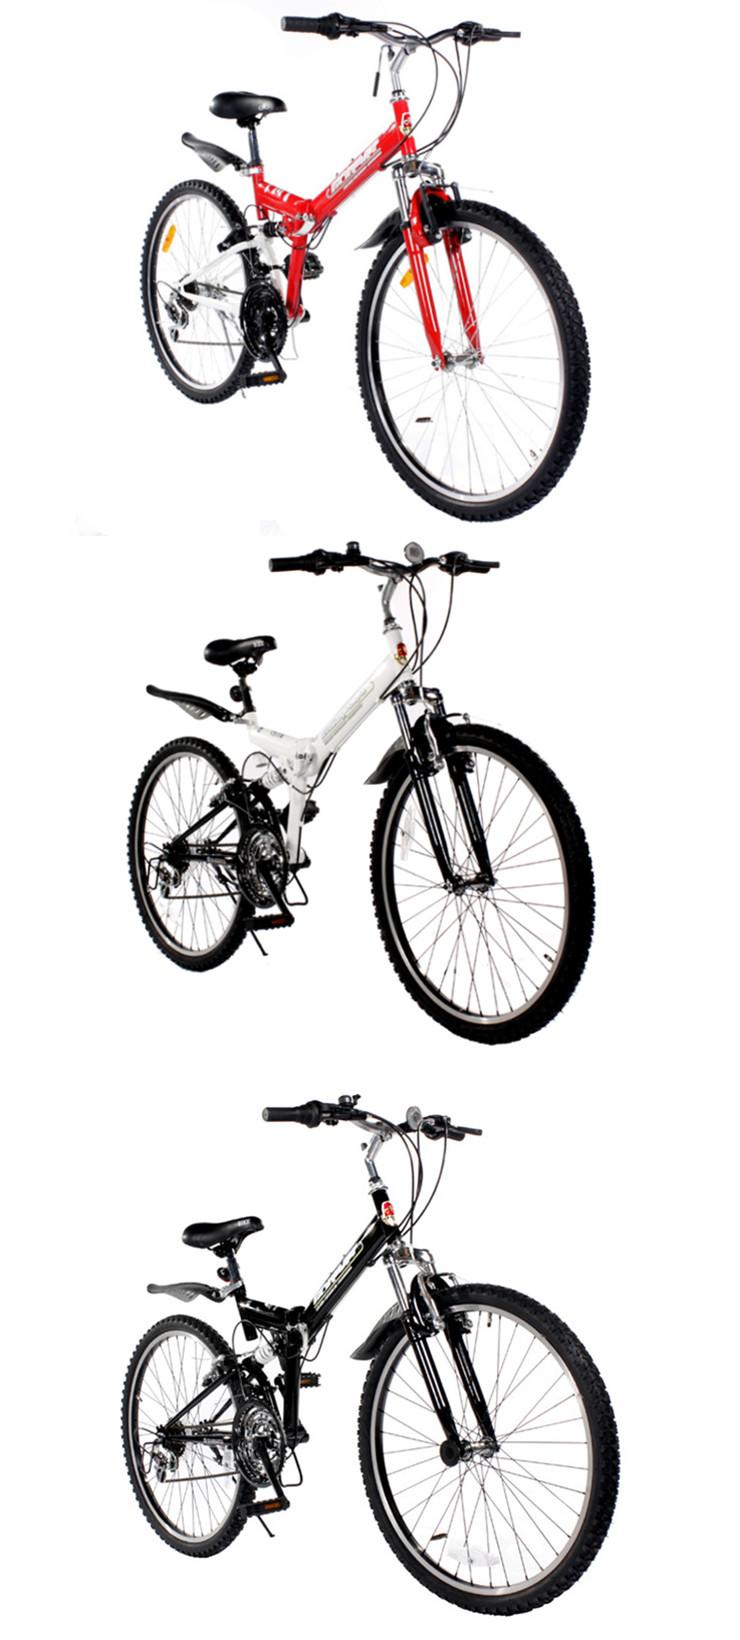 山地车打包装箱_永久牌YE805型26吋禧玛诺18速折叠山地自行车 可放进轿车后备箱 大 ...